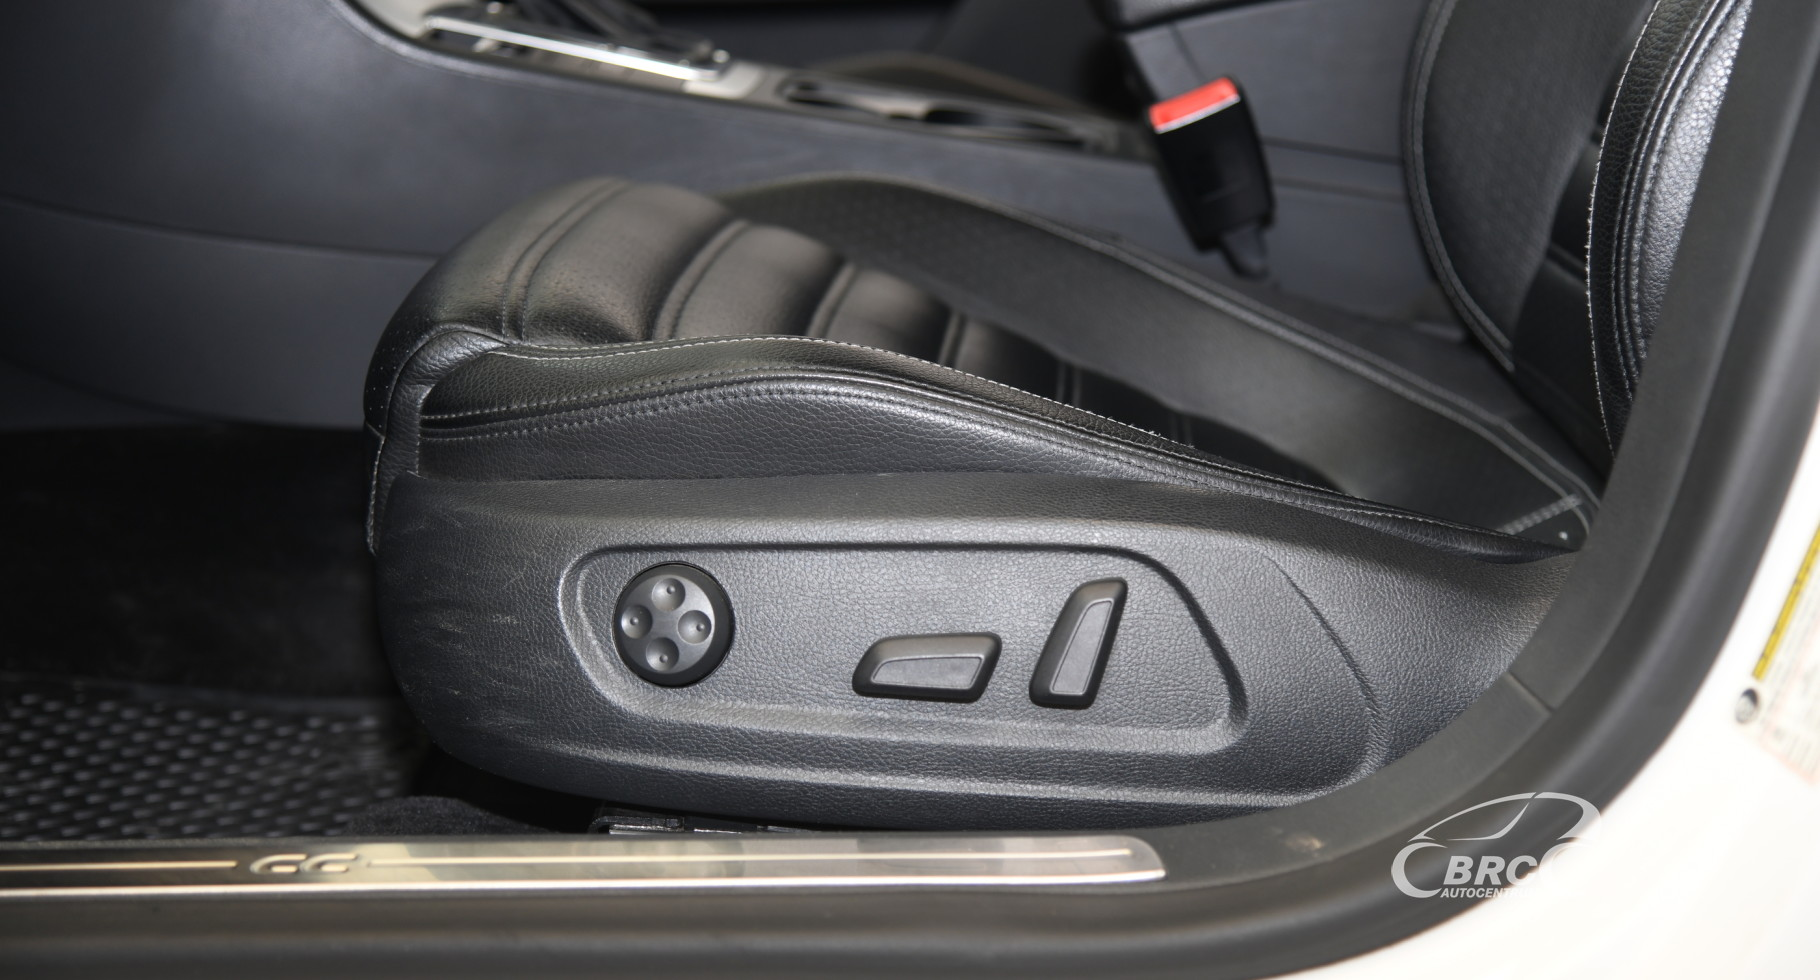 Volkswagen Passat CC 2.0T DSG Automatas